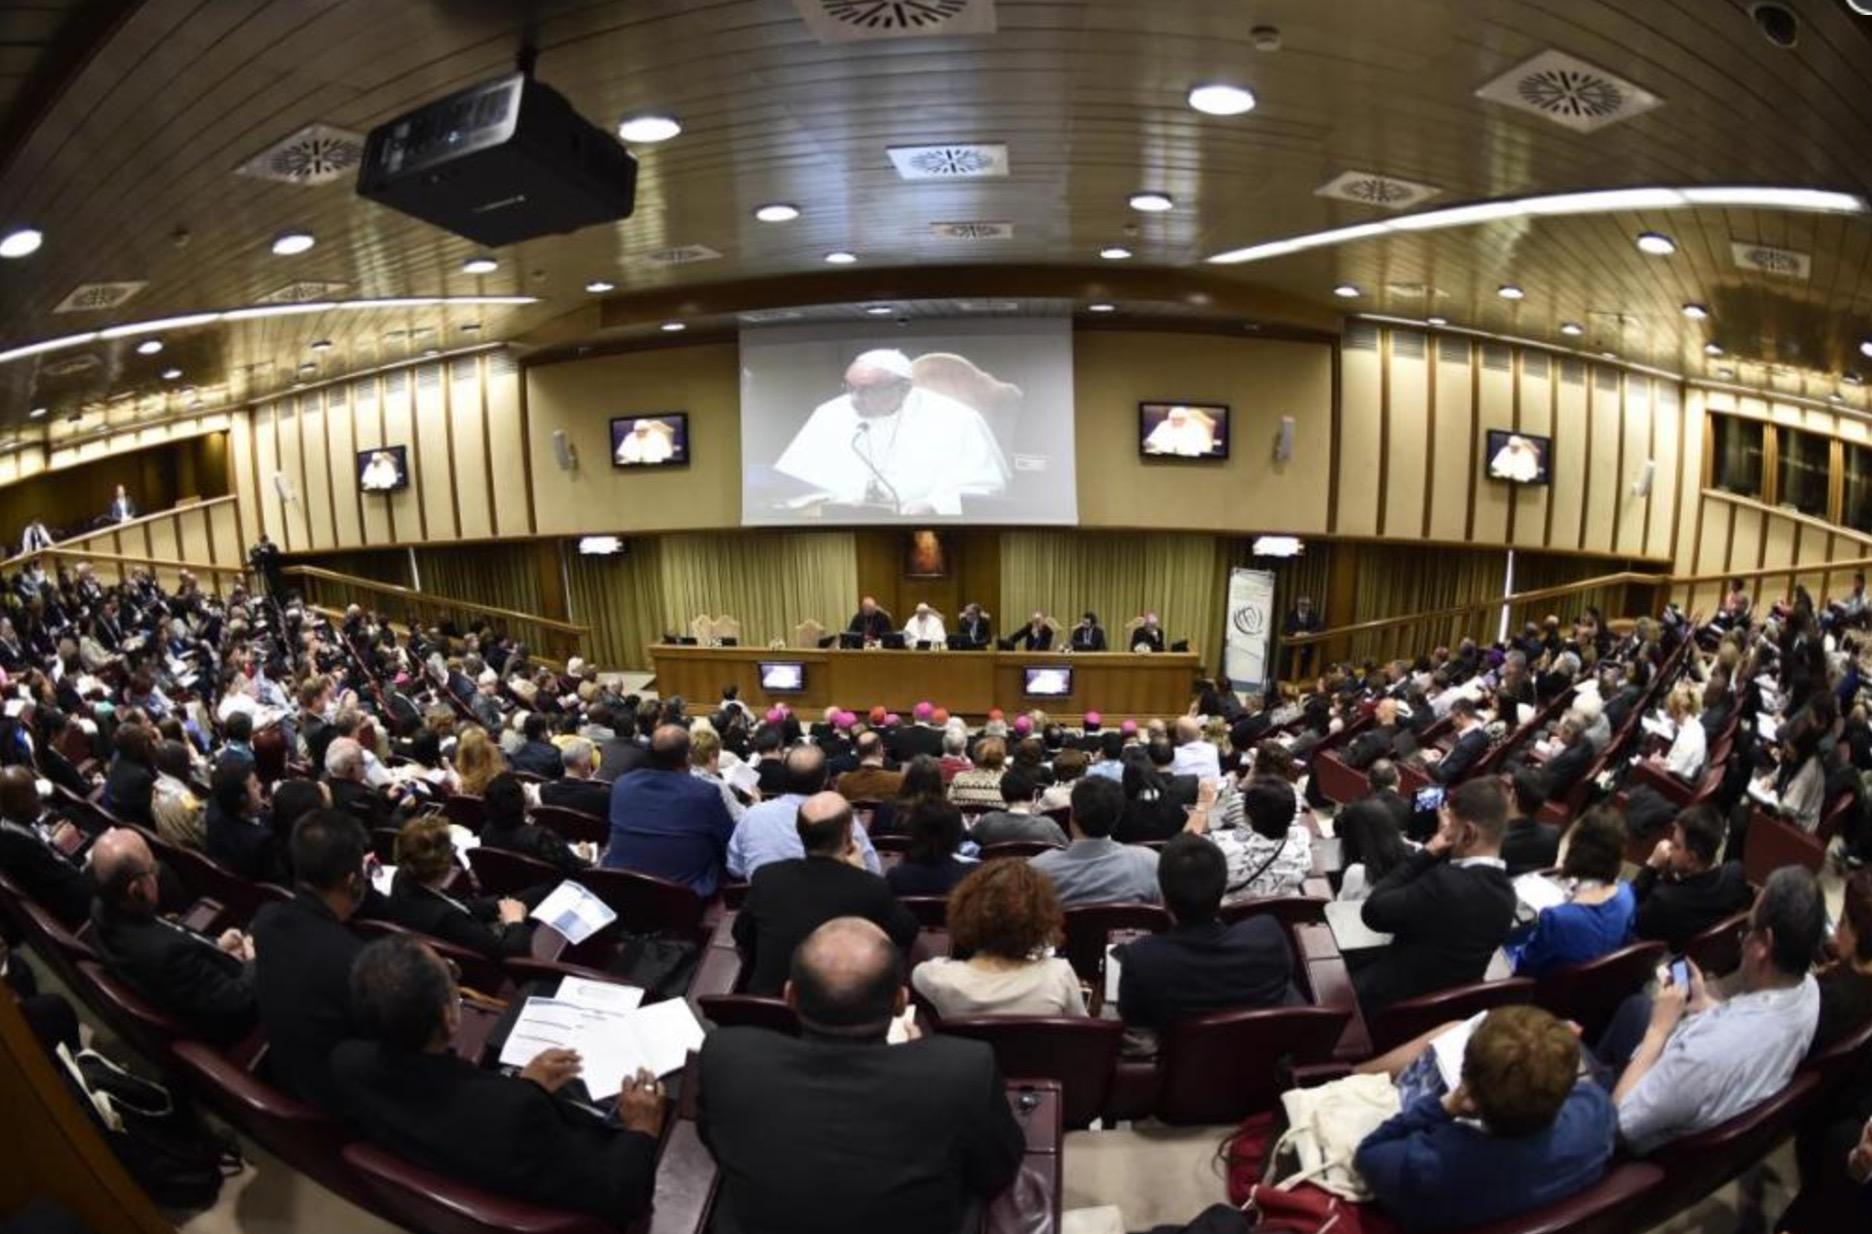 En el Aula nueva del Sínodo el Papa se encuentra con los participantes al congreso de la Acción Católica